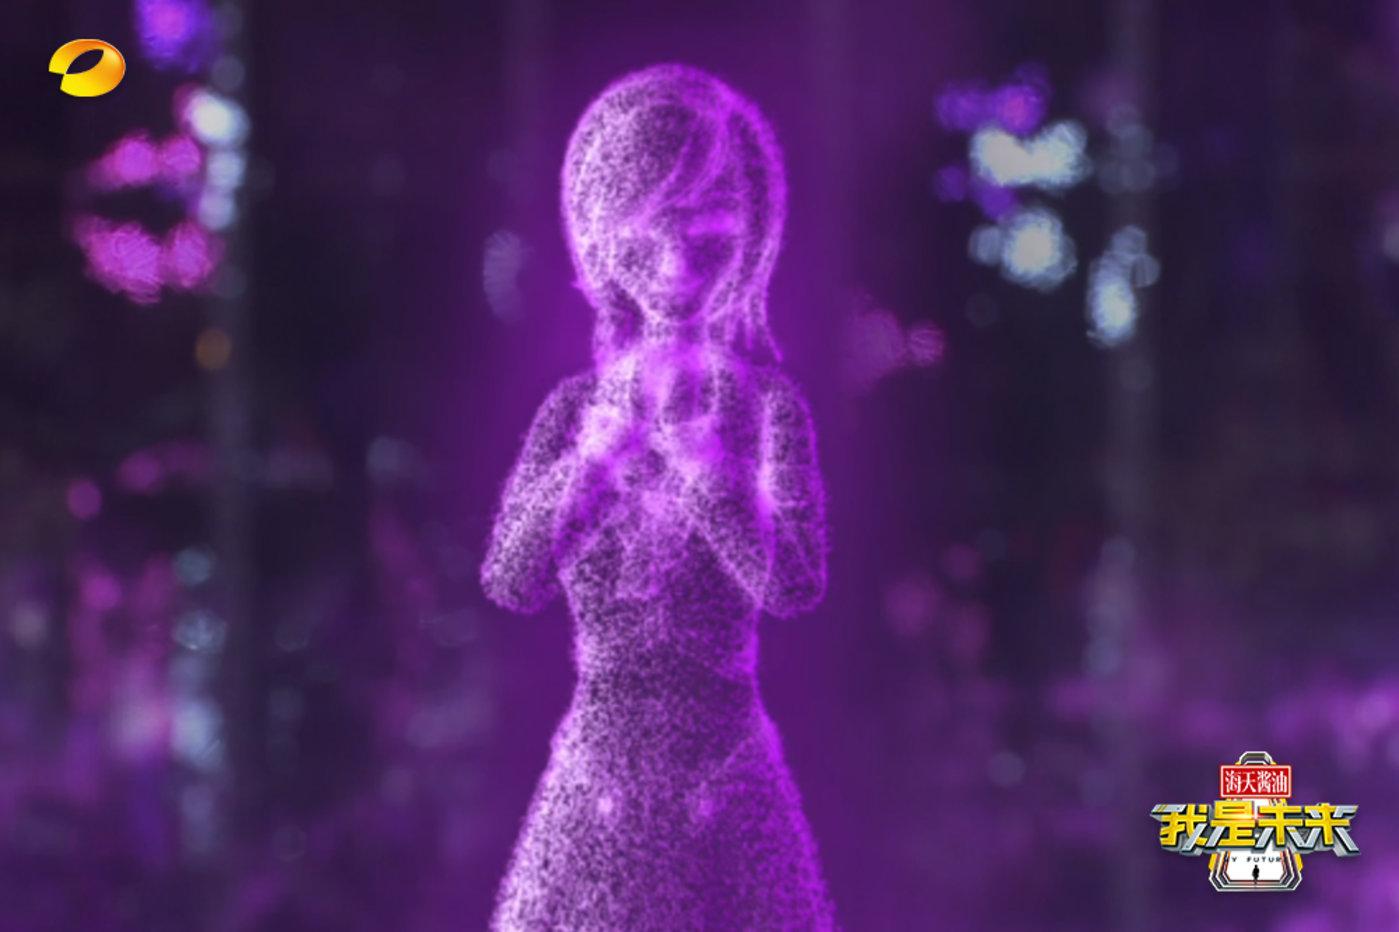 《我是未来》节目中,第五代微软小冰的全息投影形象